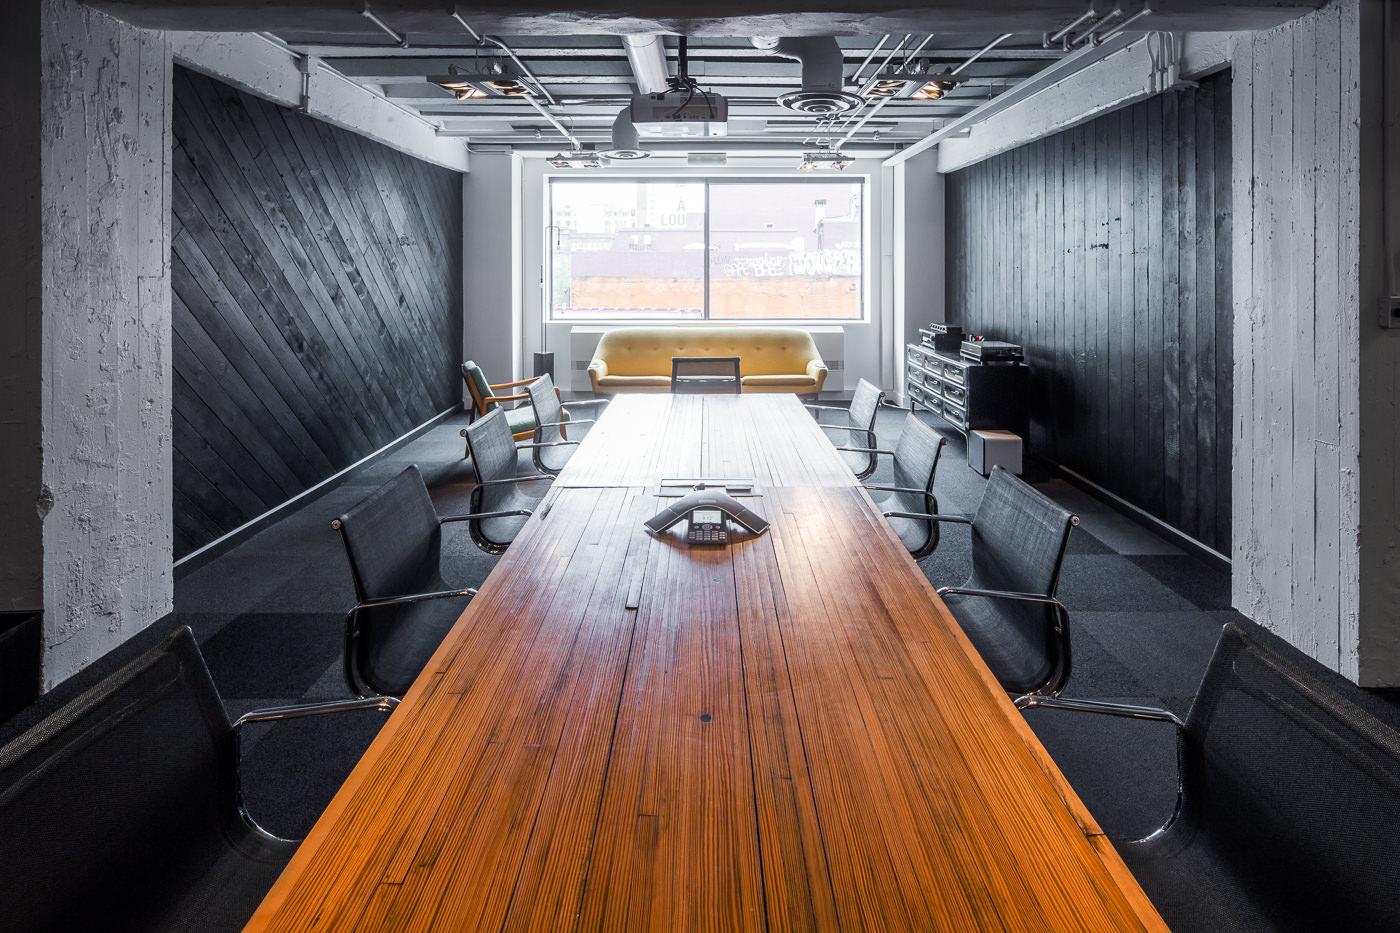 Salle de réunion dans les bureaux de havas montreal pour le forfait PME de thirdbridge